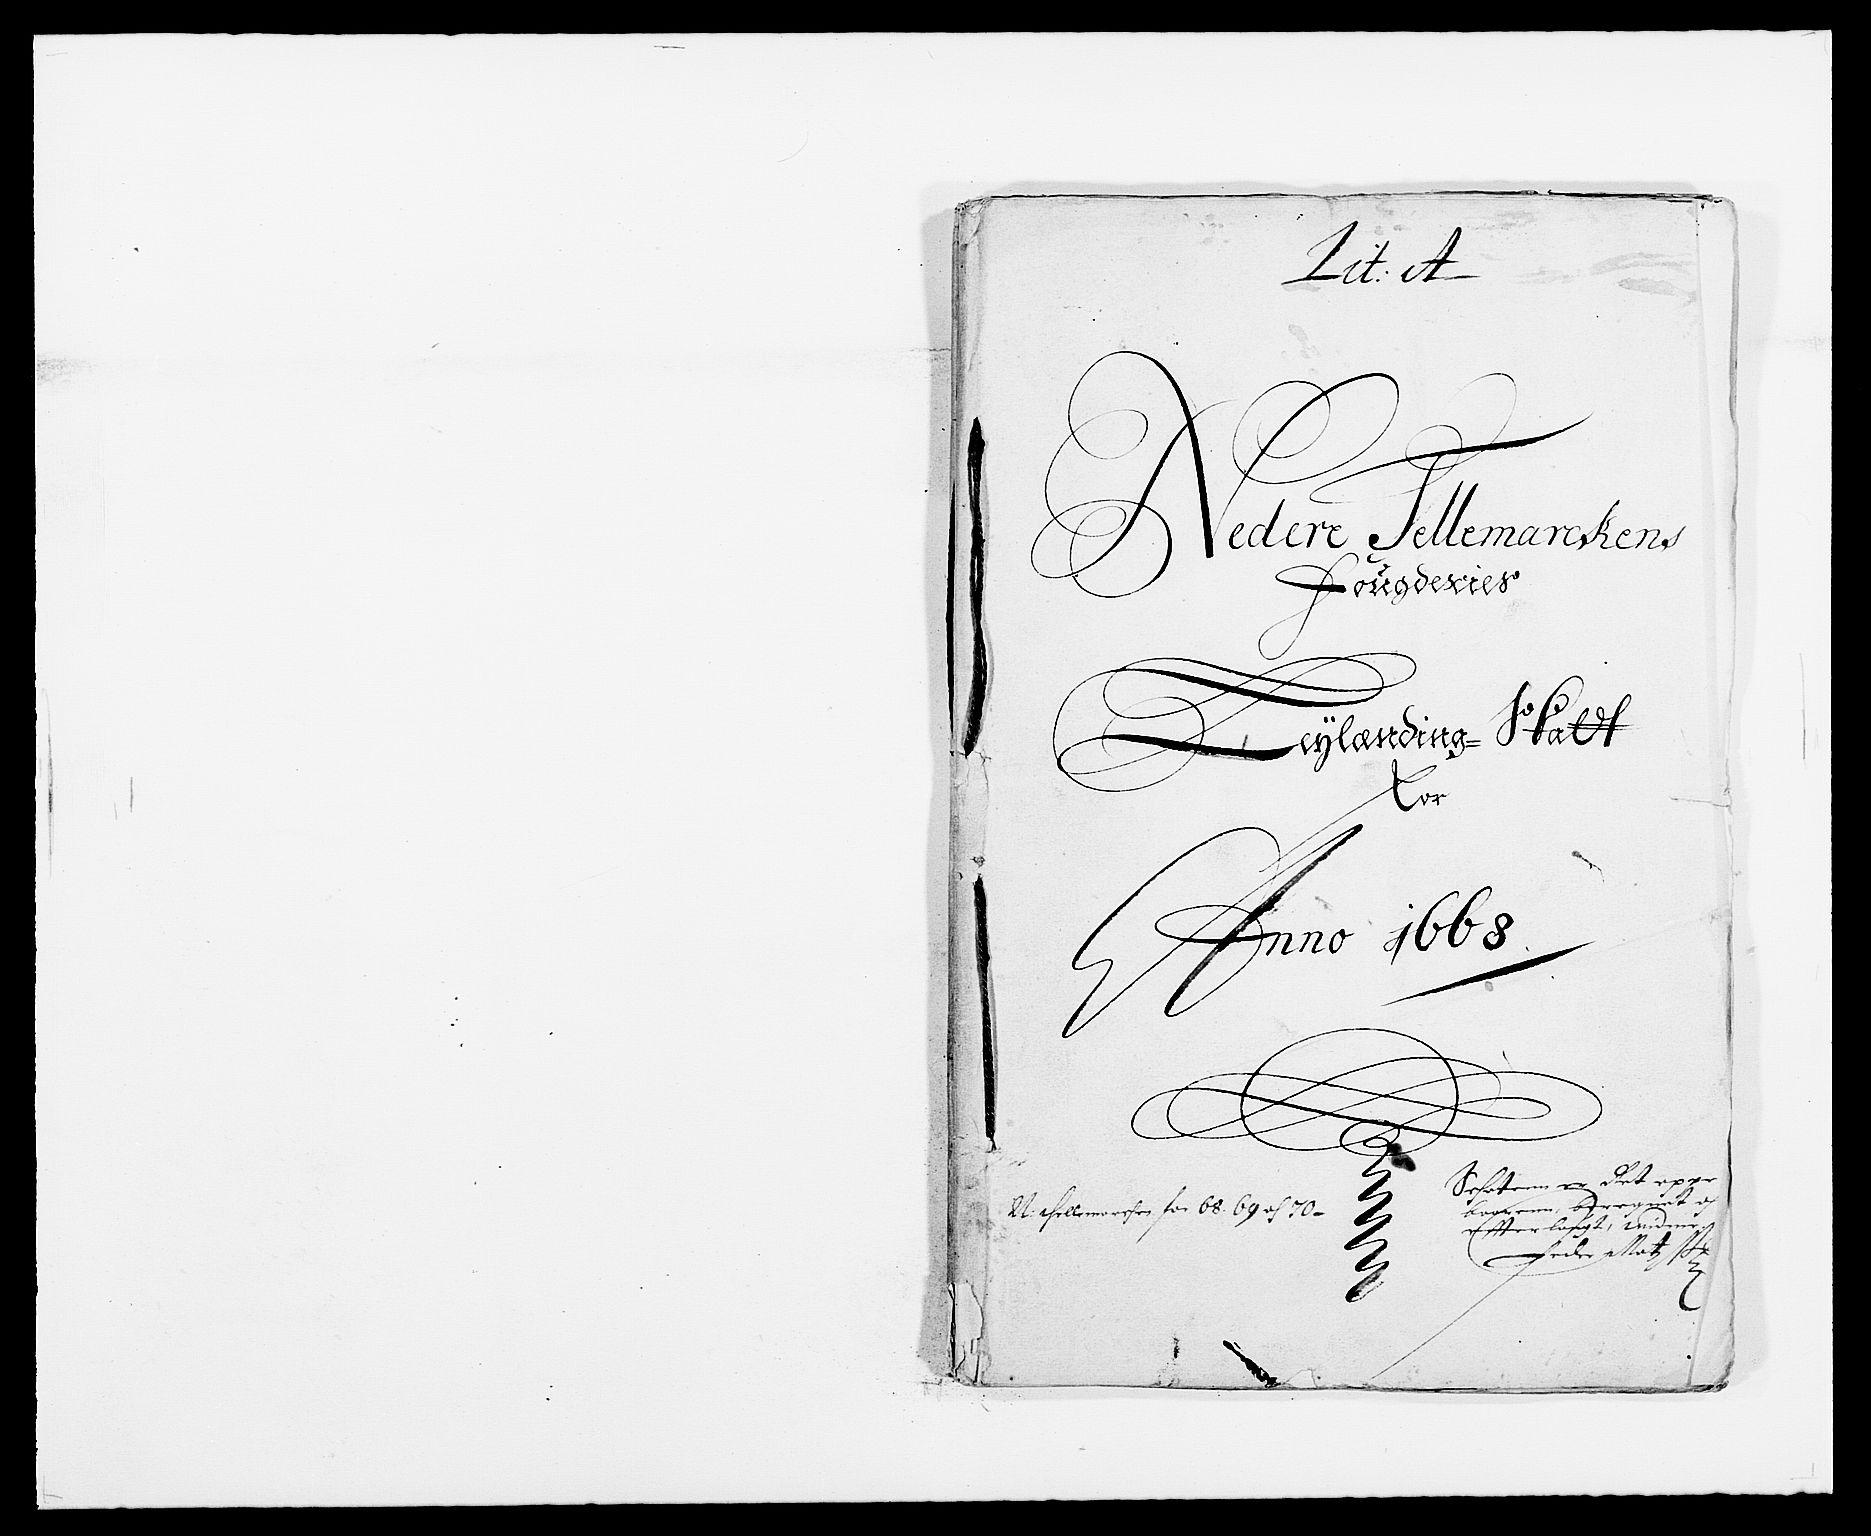 RA, Rentekammeret inntil 1814, Reviderte regnskaper, Fogderegnskap, R35/L2058: Fogderegnskap Øvre og Nedre Telemark, 1668-1670, s. 1